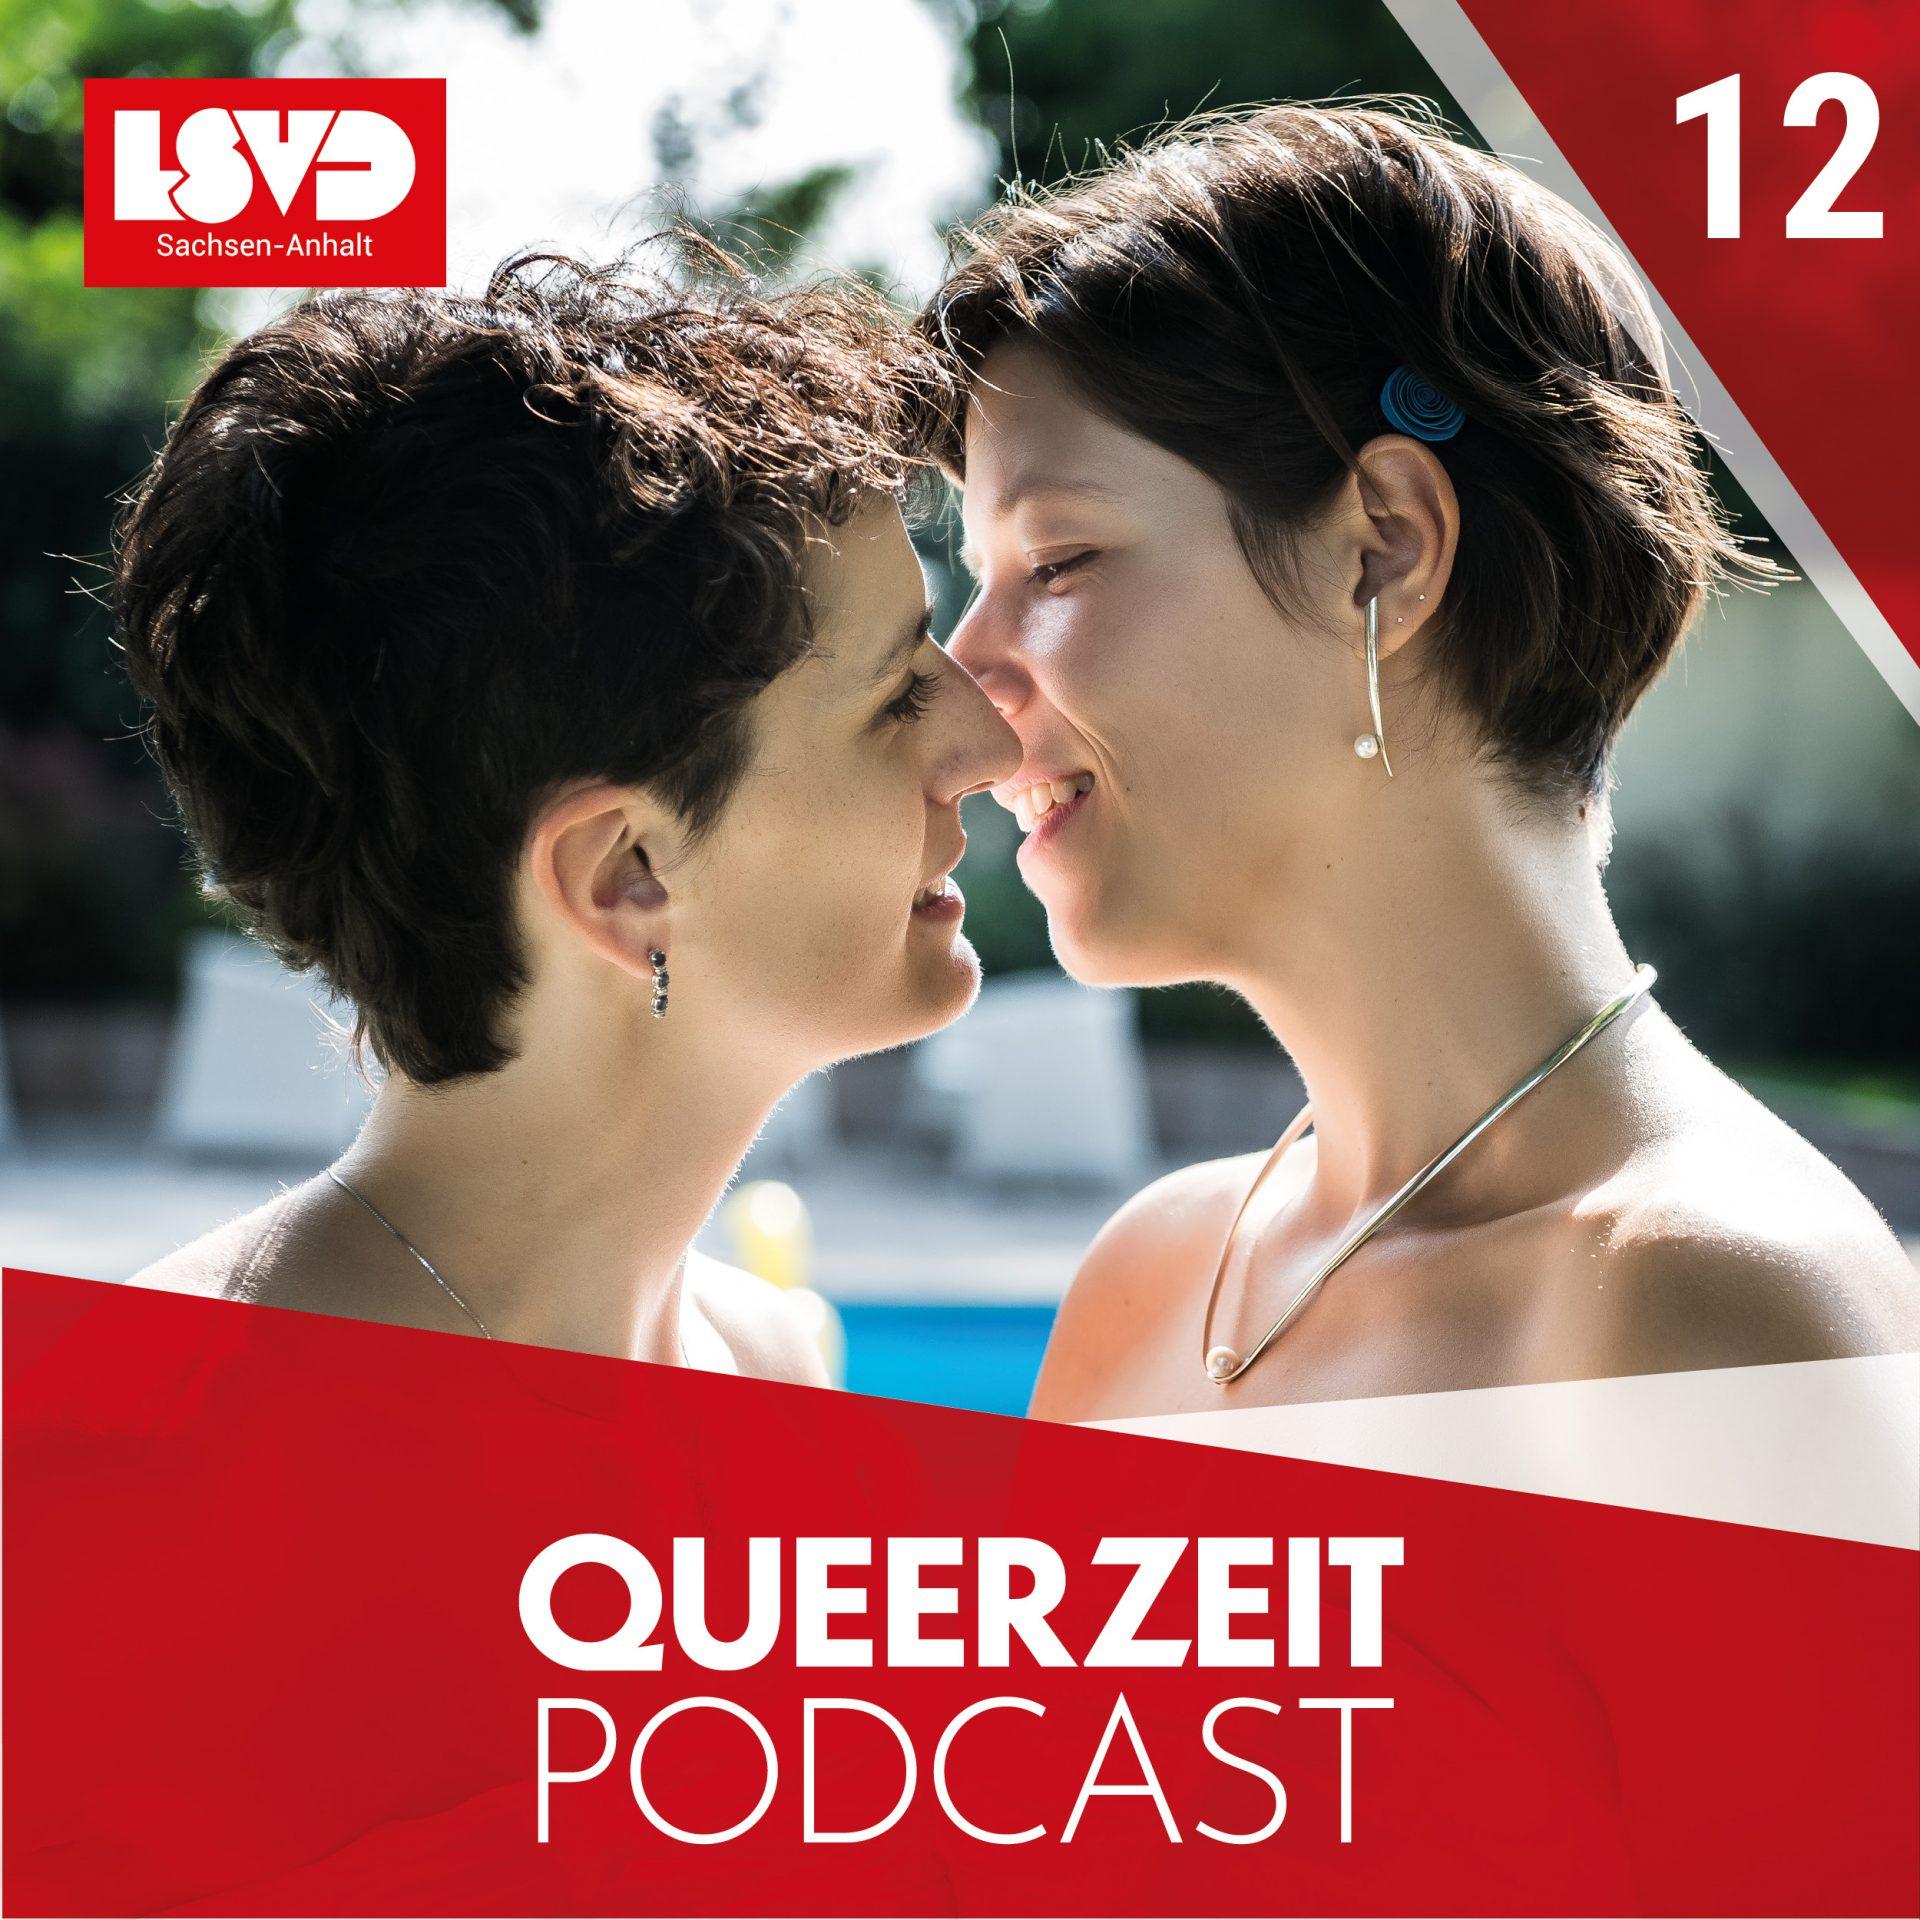 QUEERZEIT #12 – Vorreiter in der Öffnung der Ehe